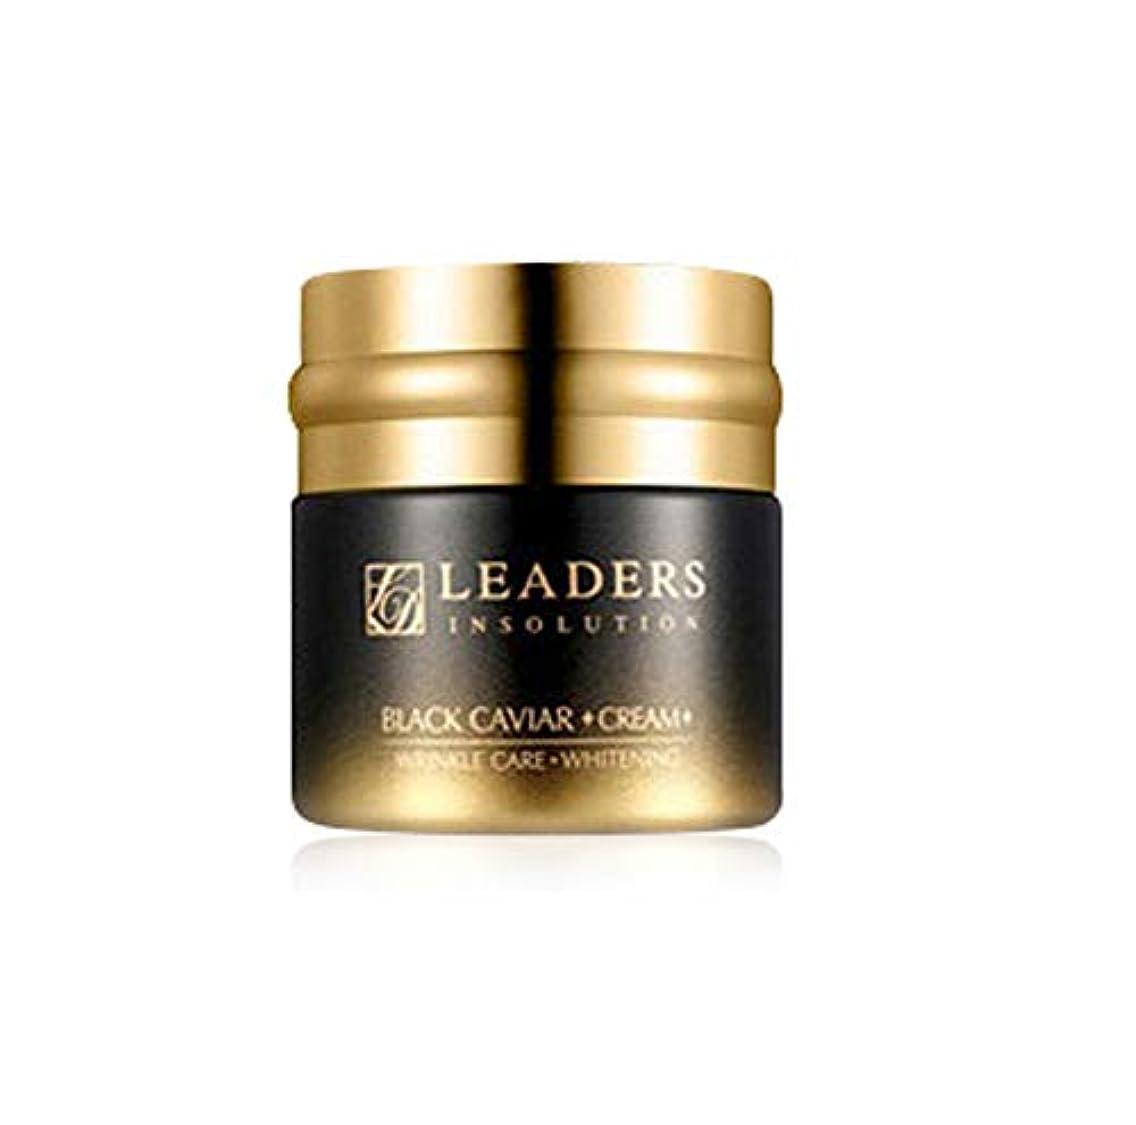 リーダースLEADERS 韓国コスメ ブラックキャビアクリーム65g 海外直送品 Black Caviar Cream [並行輸入品]